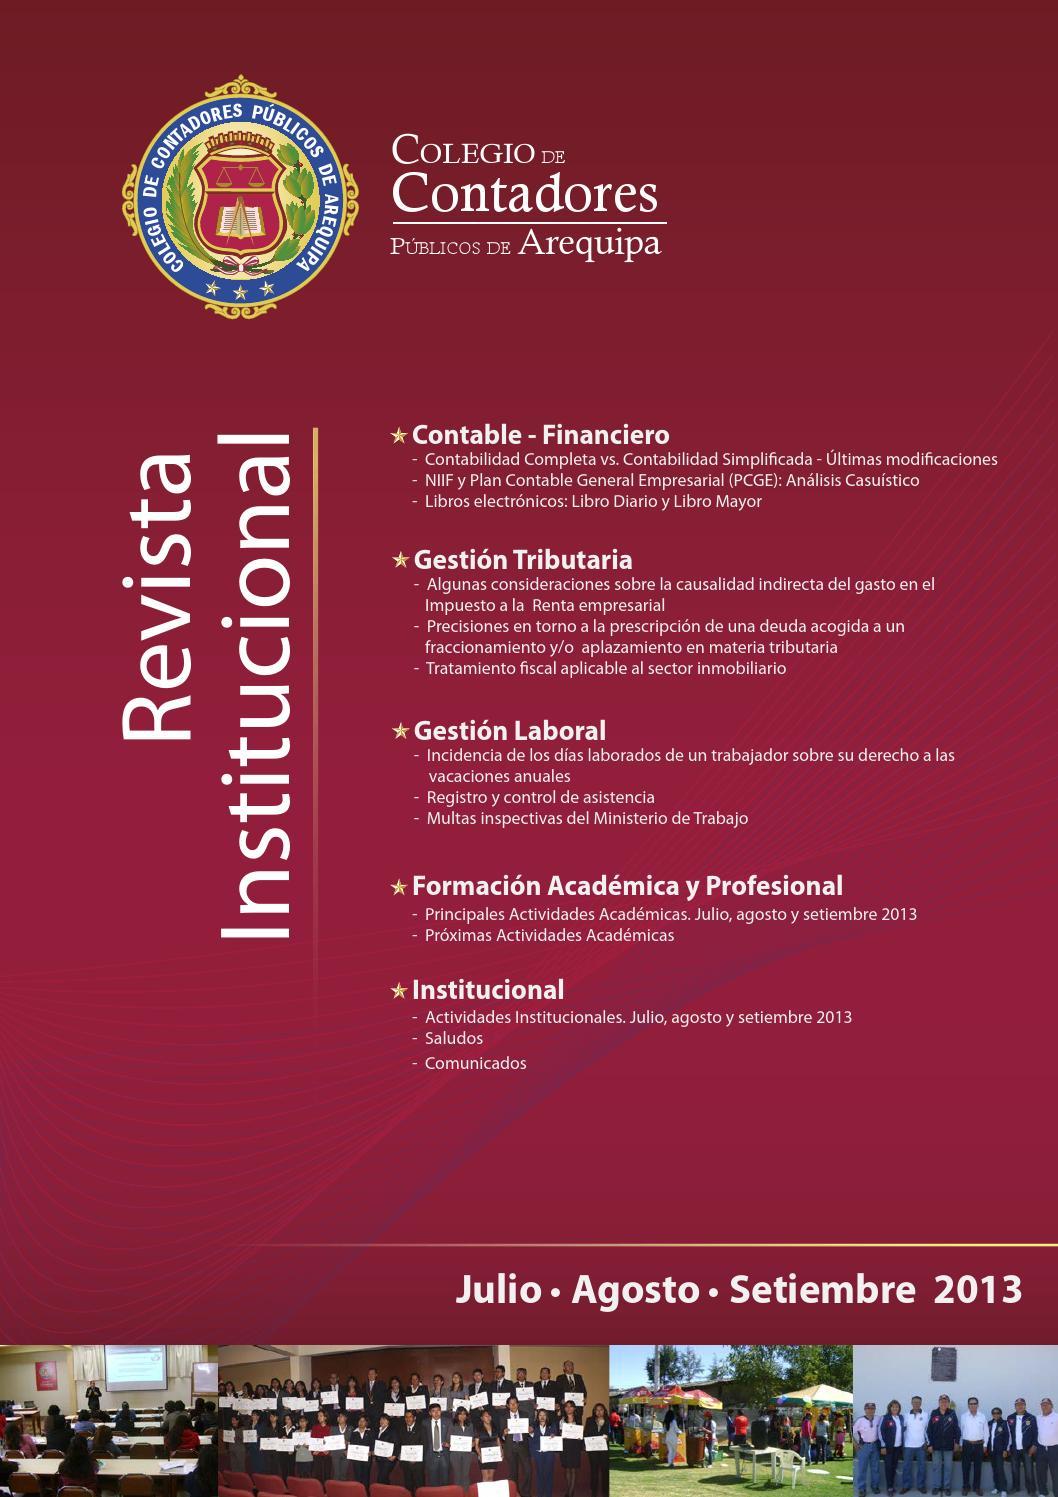 Julio, Agosto y Setiembre 2013 by Colegio de Contadores Públicos de ...